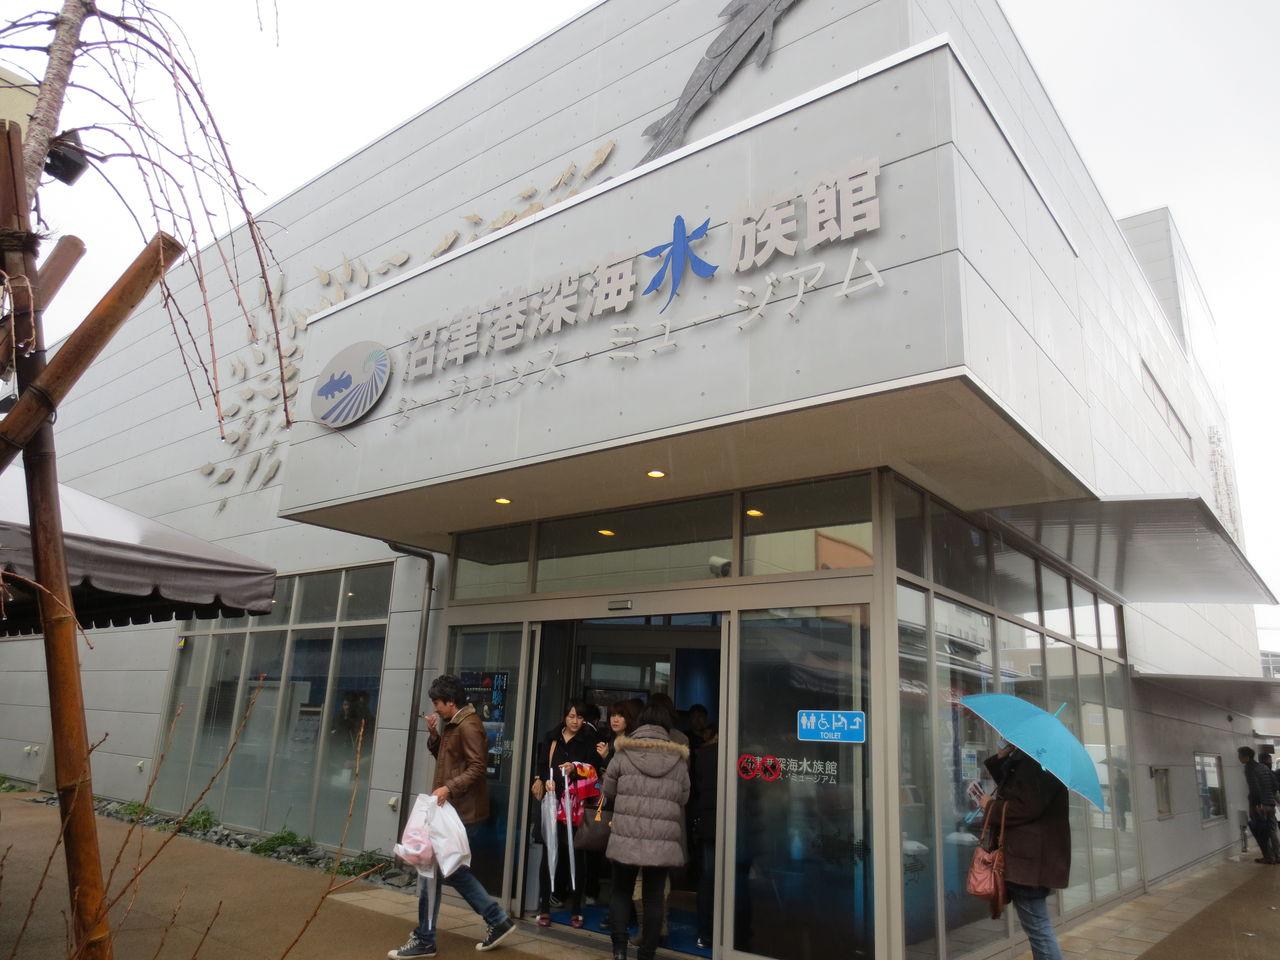 沼津 深海 水族館 沼津の水族館を遊び尽くしたい方必見!3つの水族館を徹底解剖!